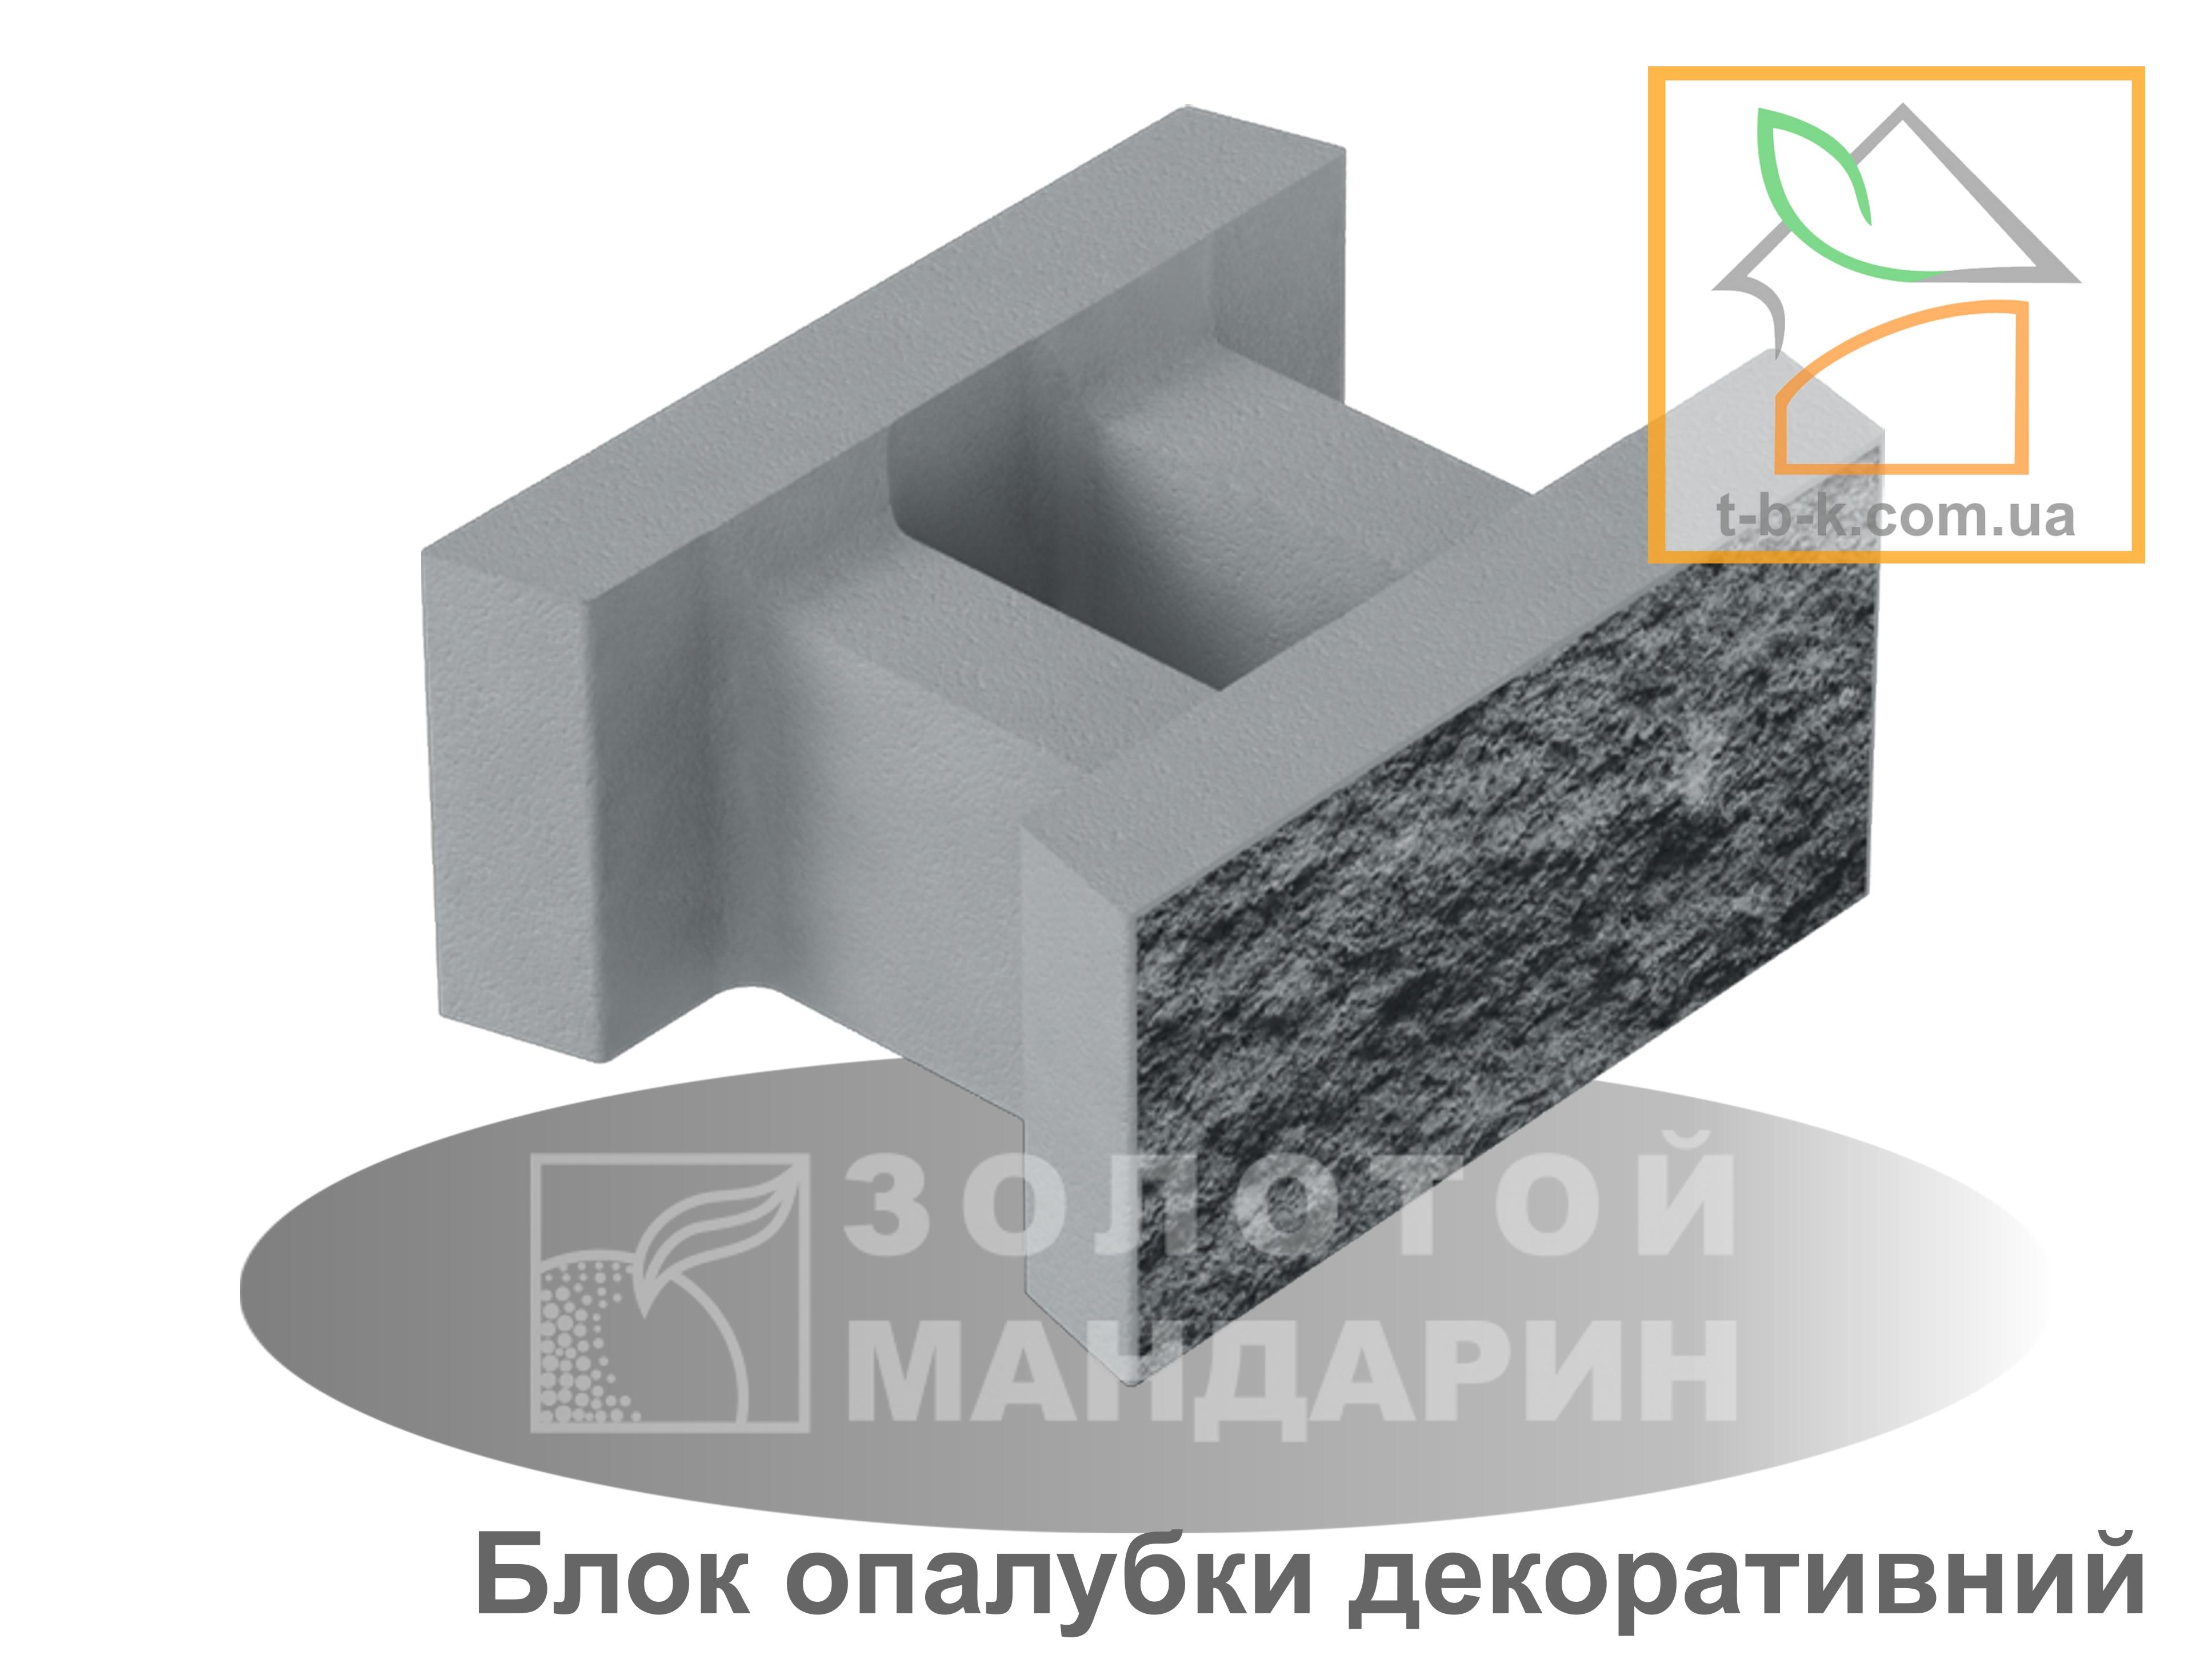 Блок бетонный декоративный несъемной опалубки Золотой Мандарин 510*400*235 (двусторонний скол)